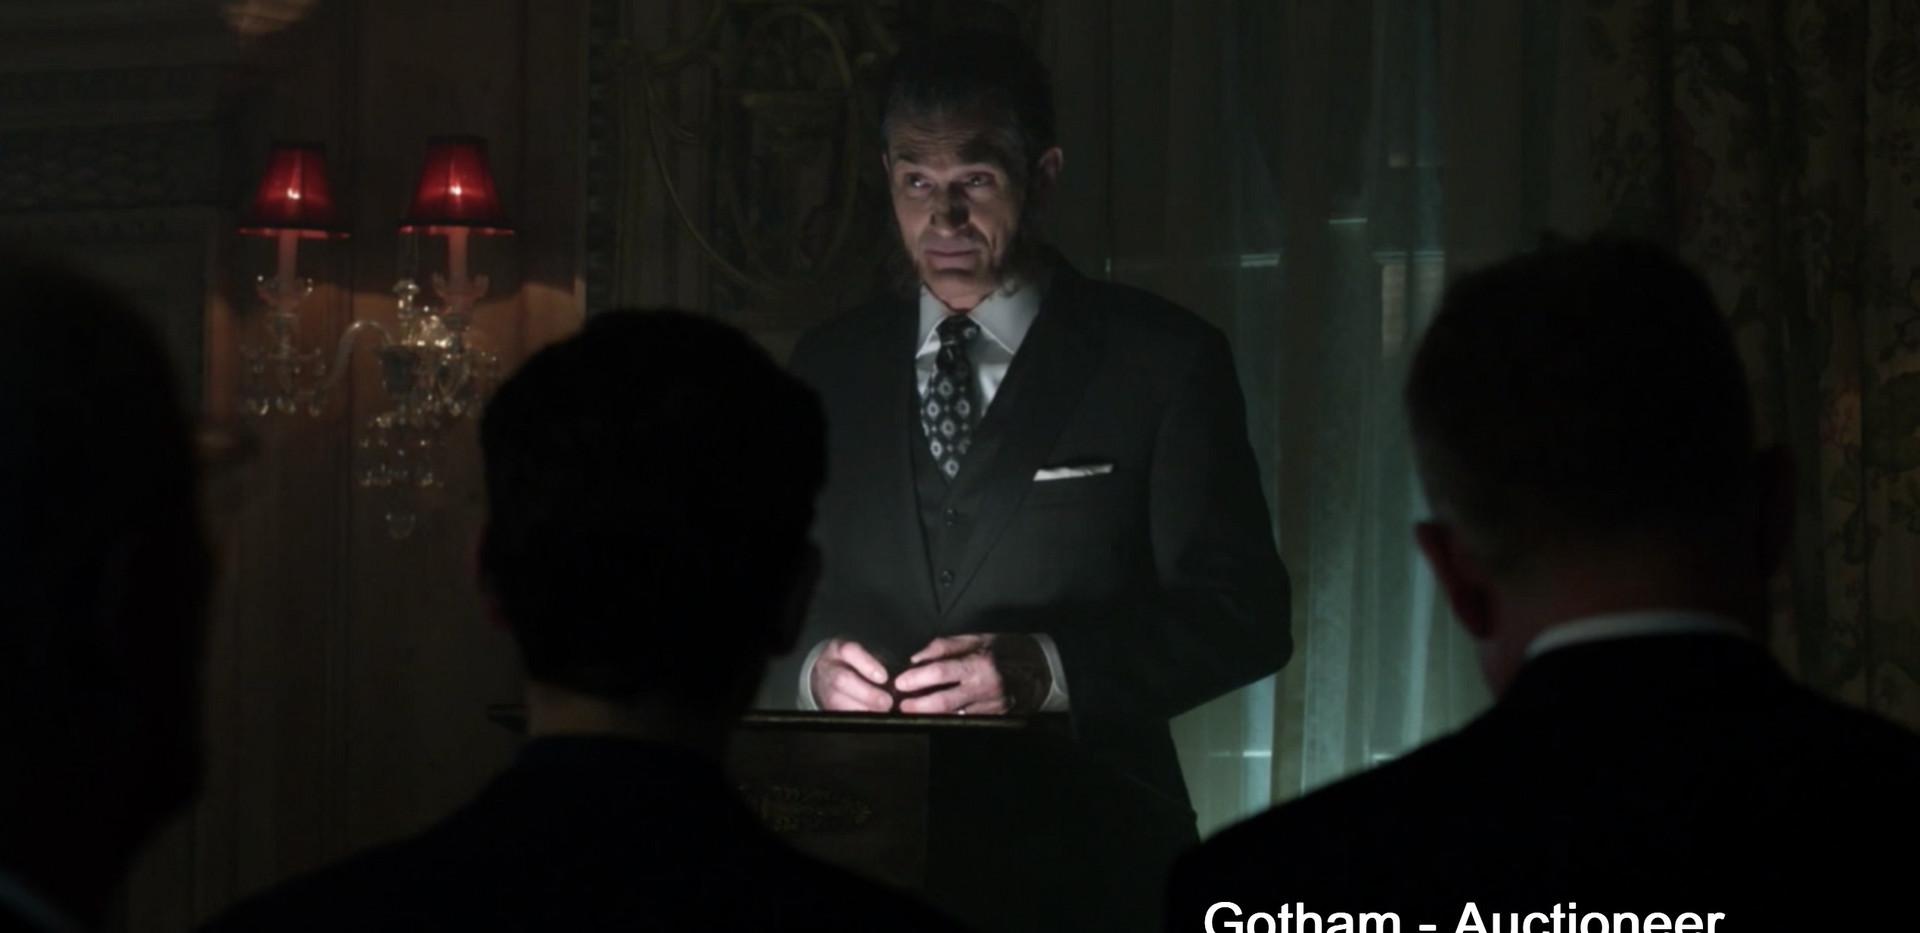 Gotham - Auctioneer